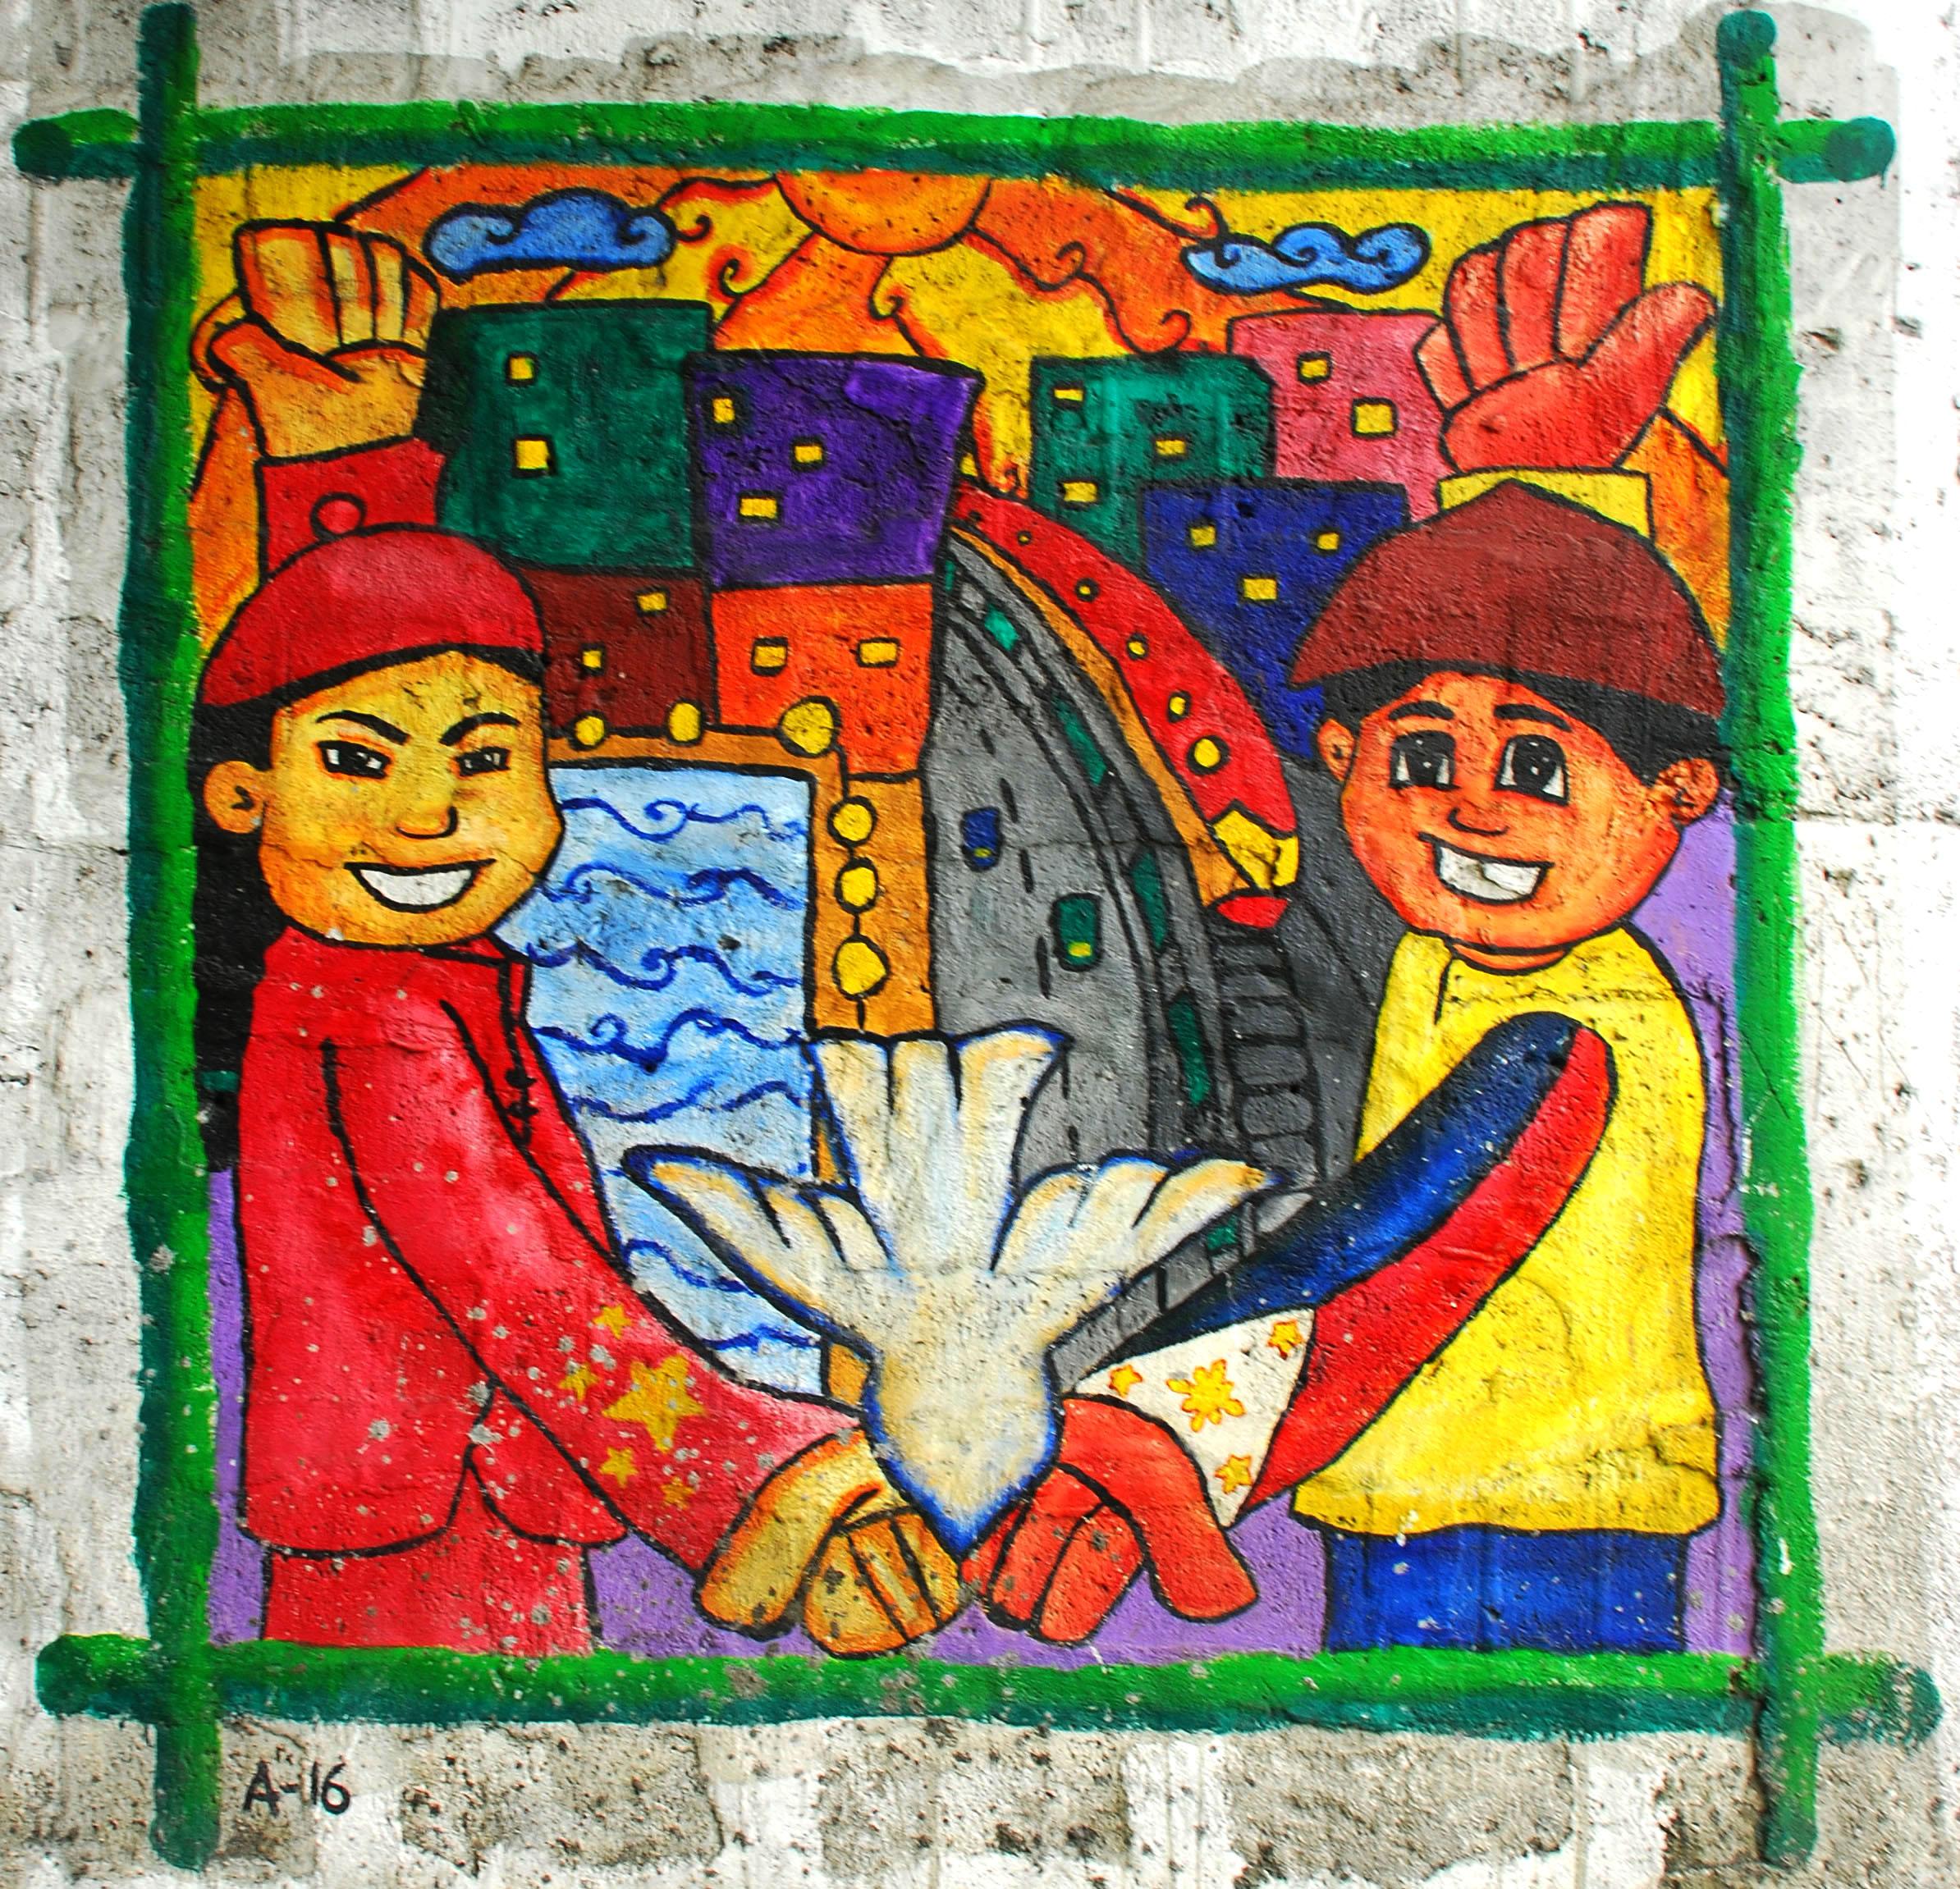 Murals Philippine Filipino Chinese Friendship Day 2007 64